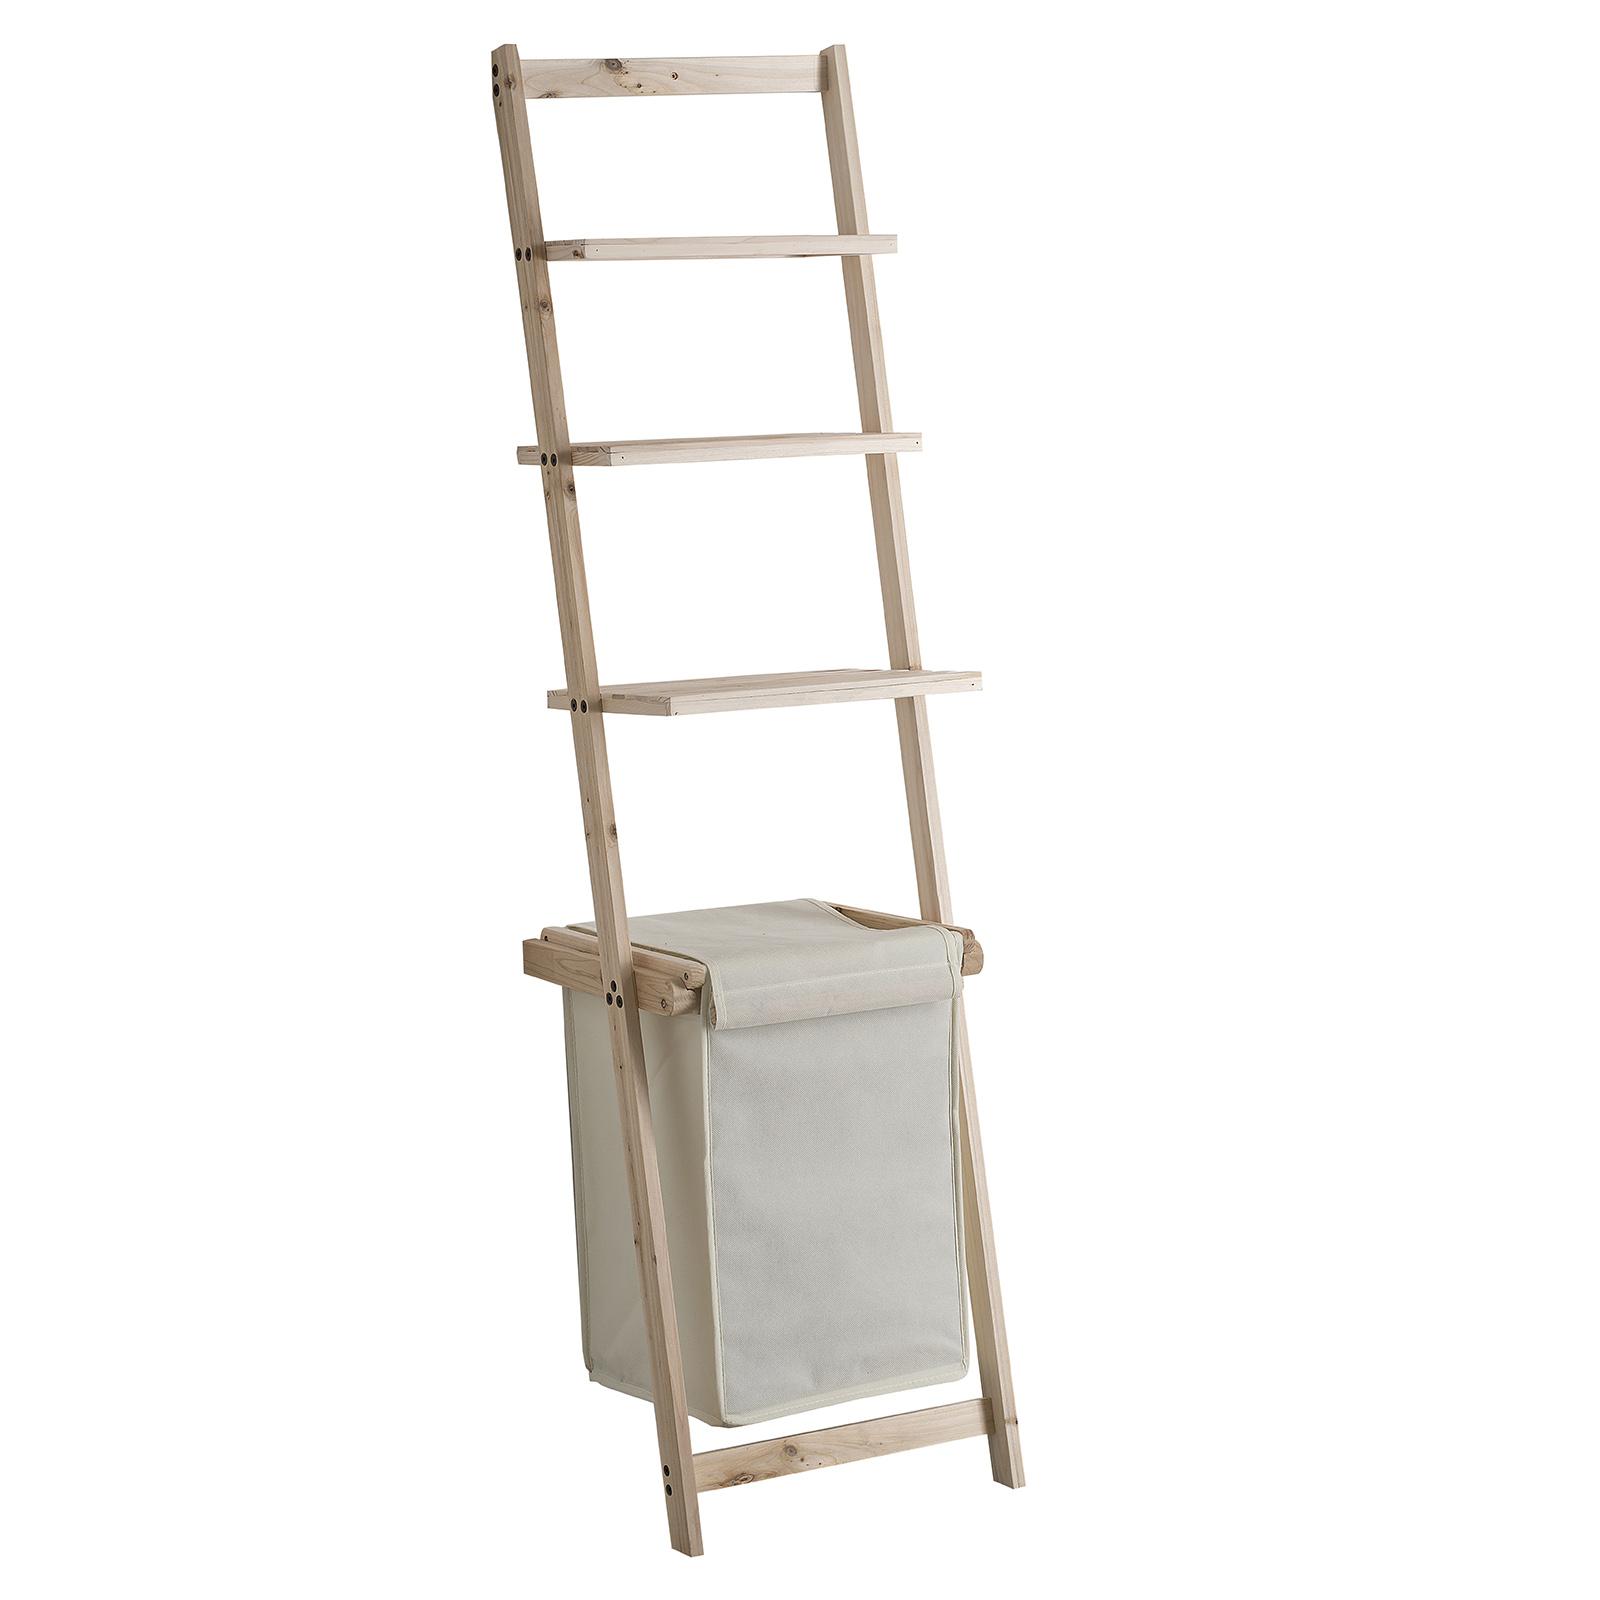 Meuble Avec Panier A Linge meuble 3 étages avec panier à linge gris intégré